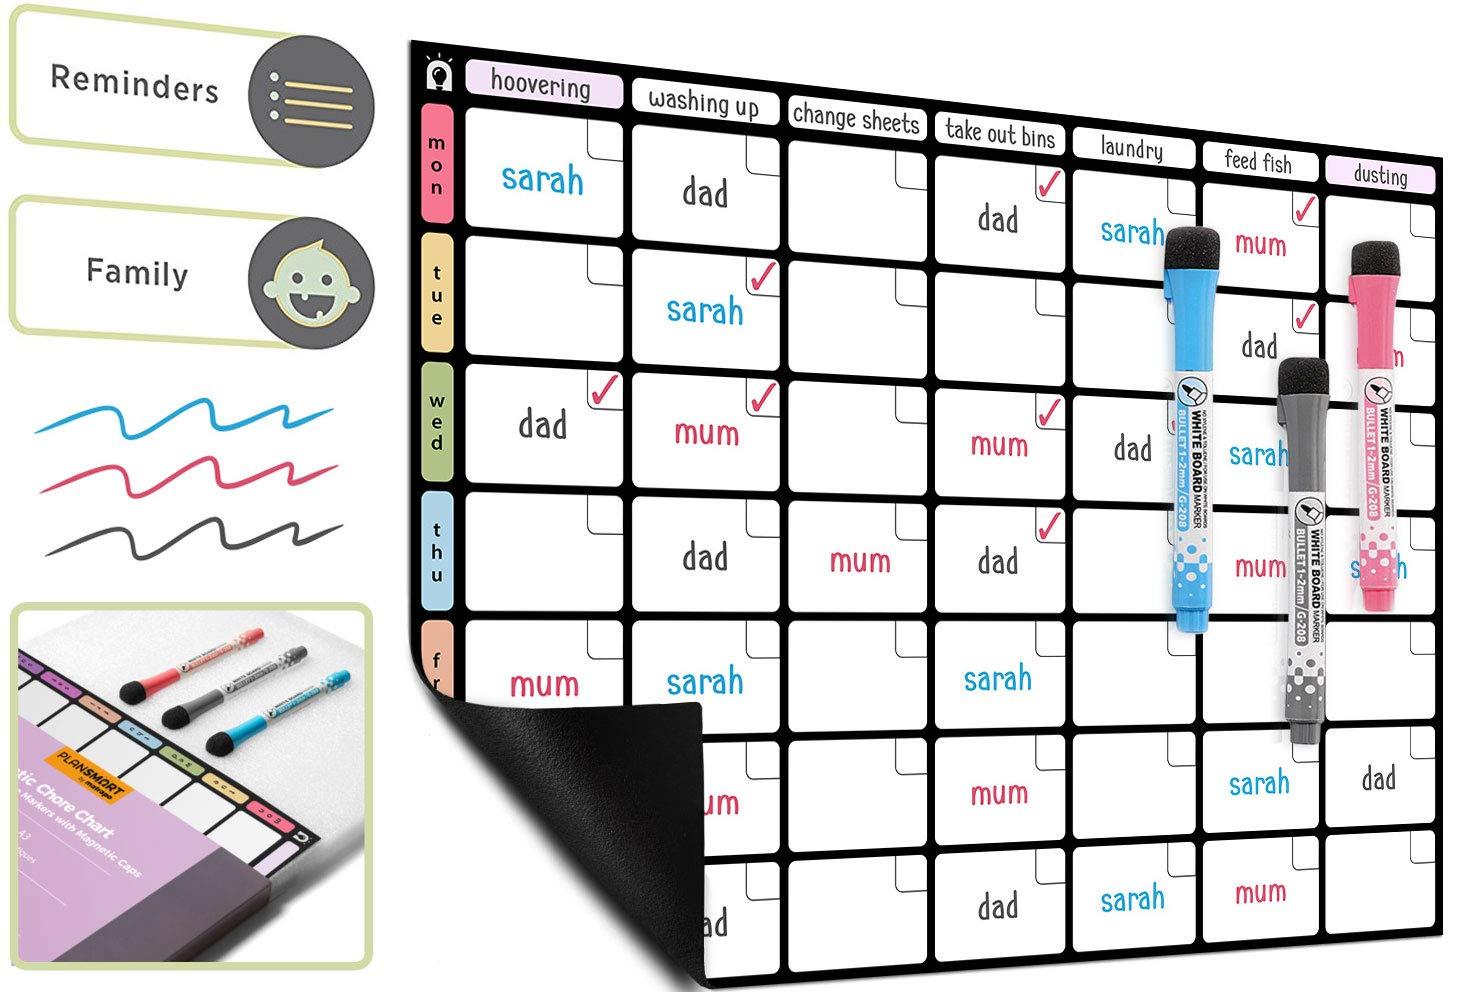 Lavagna magnetica frigorifero A3 Organizzatore di faccende domestiche - Lavagnetta Pianificatore famiglia di Plan Smart *versione colore* - BONUS: 3 Pennarelli di Qualità